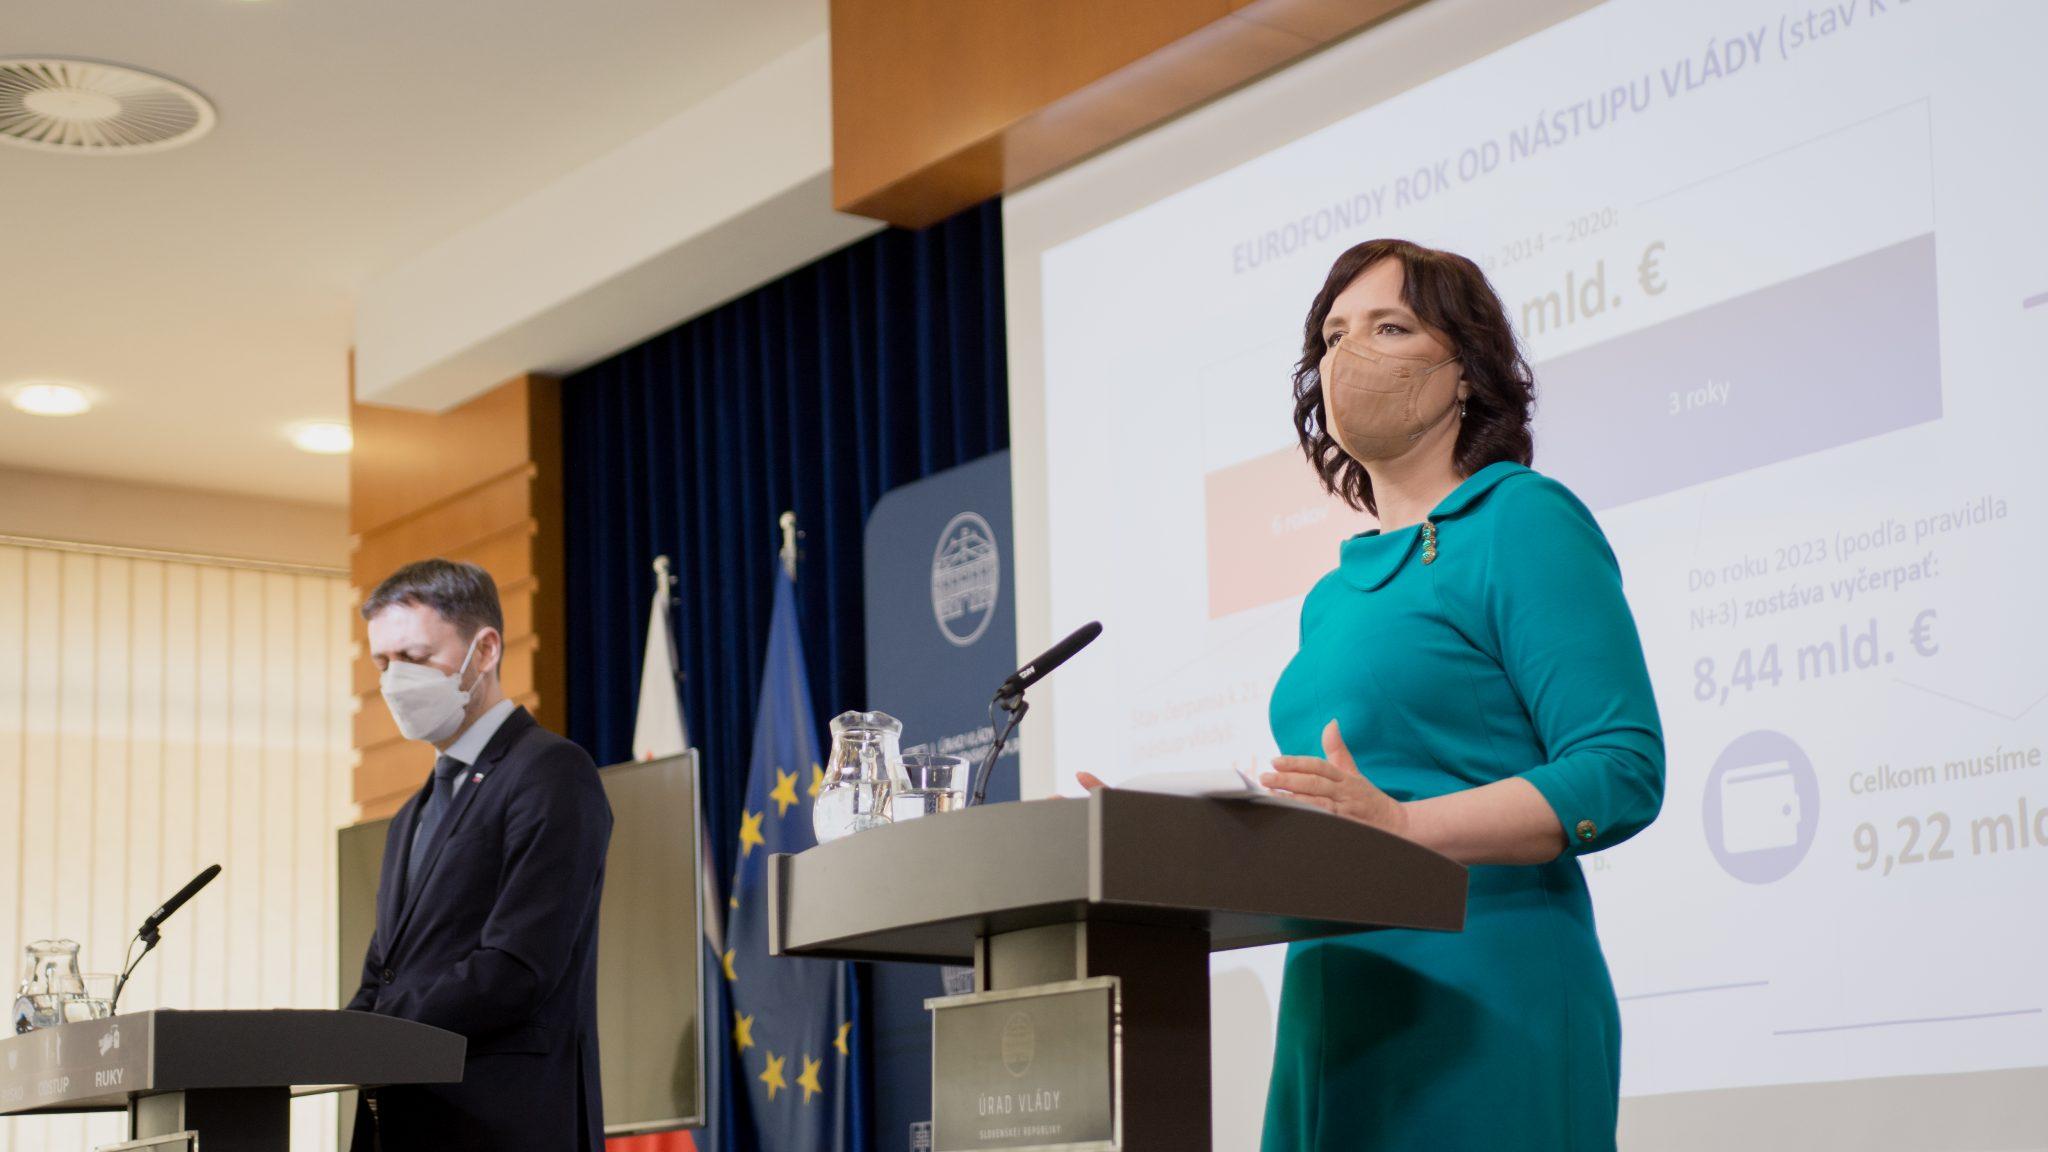 Vicepremiérka Remišová o eurofondoch: Čo sa za 7 rokov zmeškalo, musíme dohnať za 3 roky